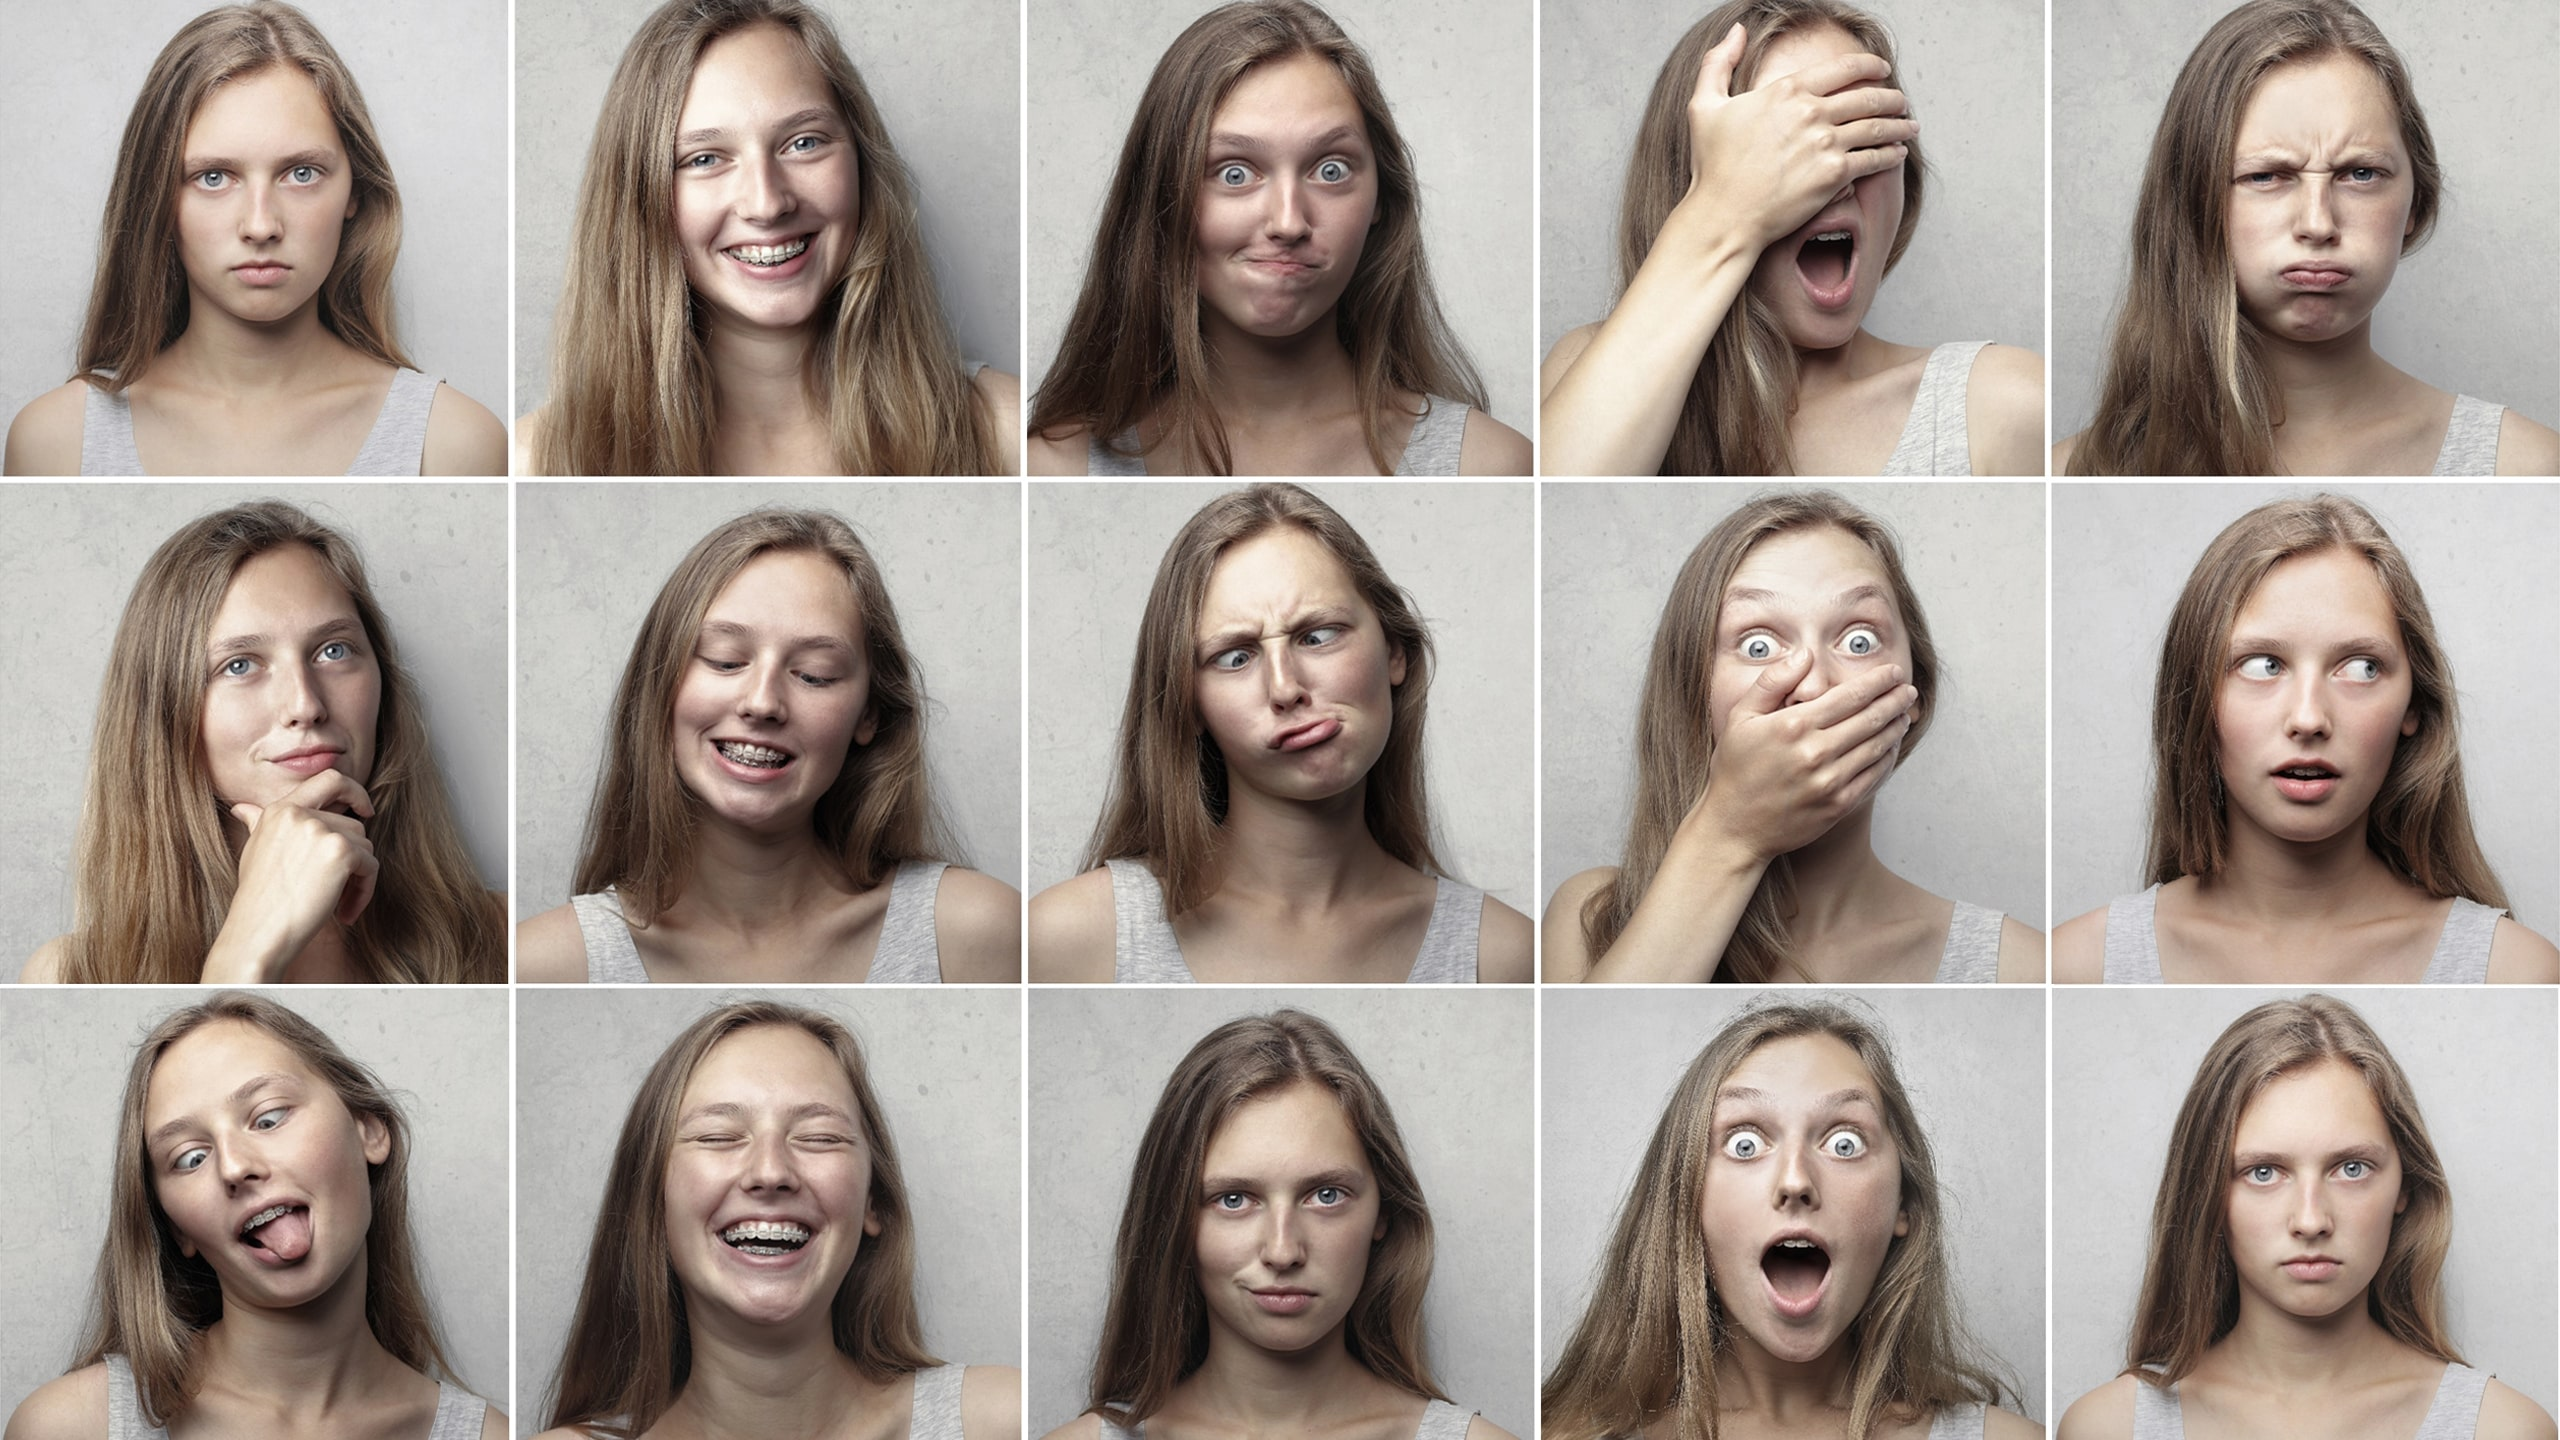 Mensen hebben verschillende emoties en gezichten, net als merken.